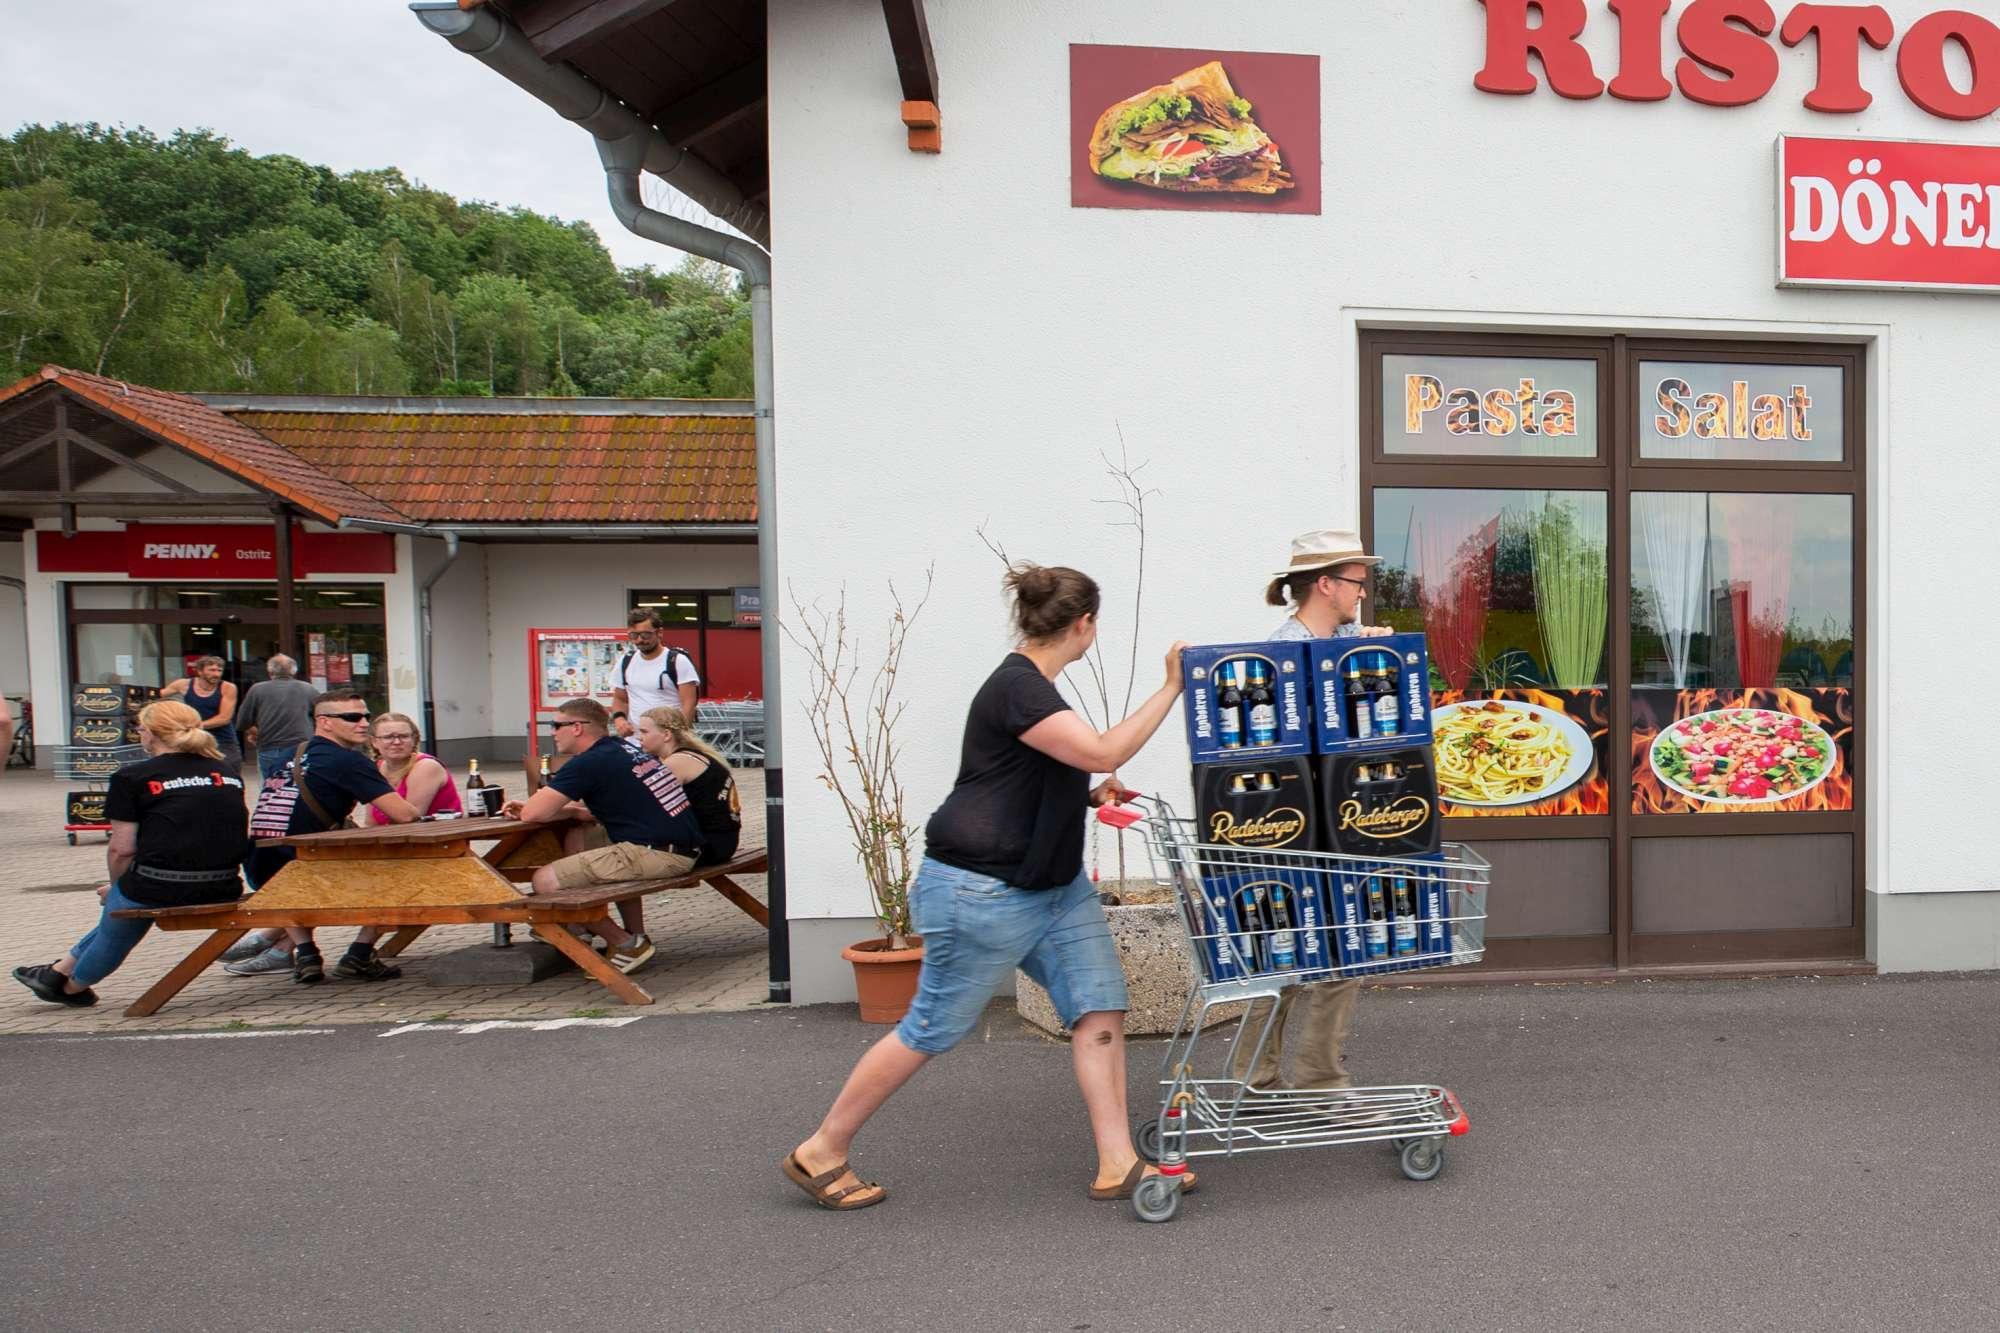 Germania, raduno nazi a secco di birra: è flop